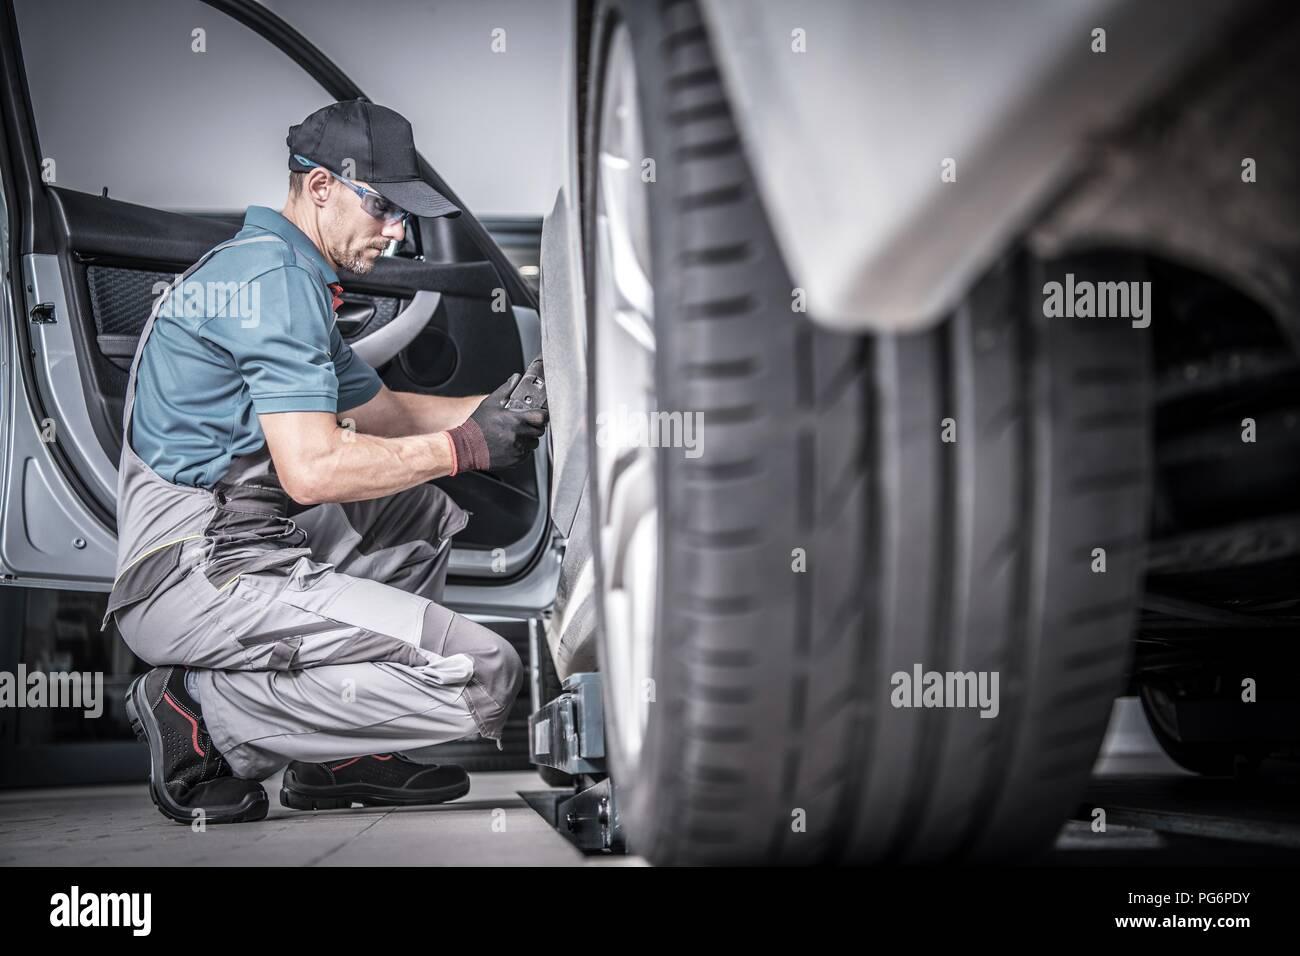 Auto usate in manutenzione. Caucasian meccanico di automobili in cerca di potenziali problemi all'interno del veicolo. Immagini Stock